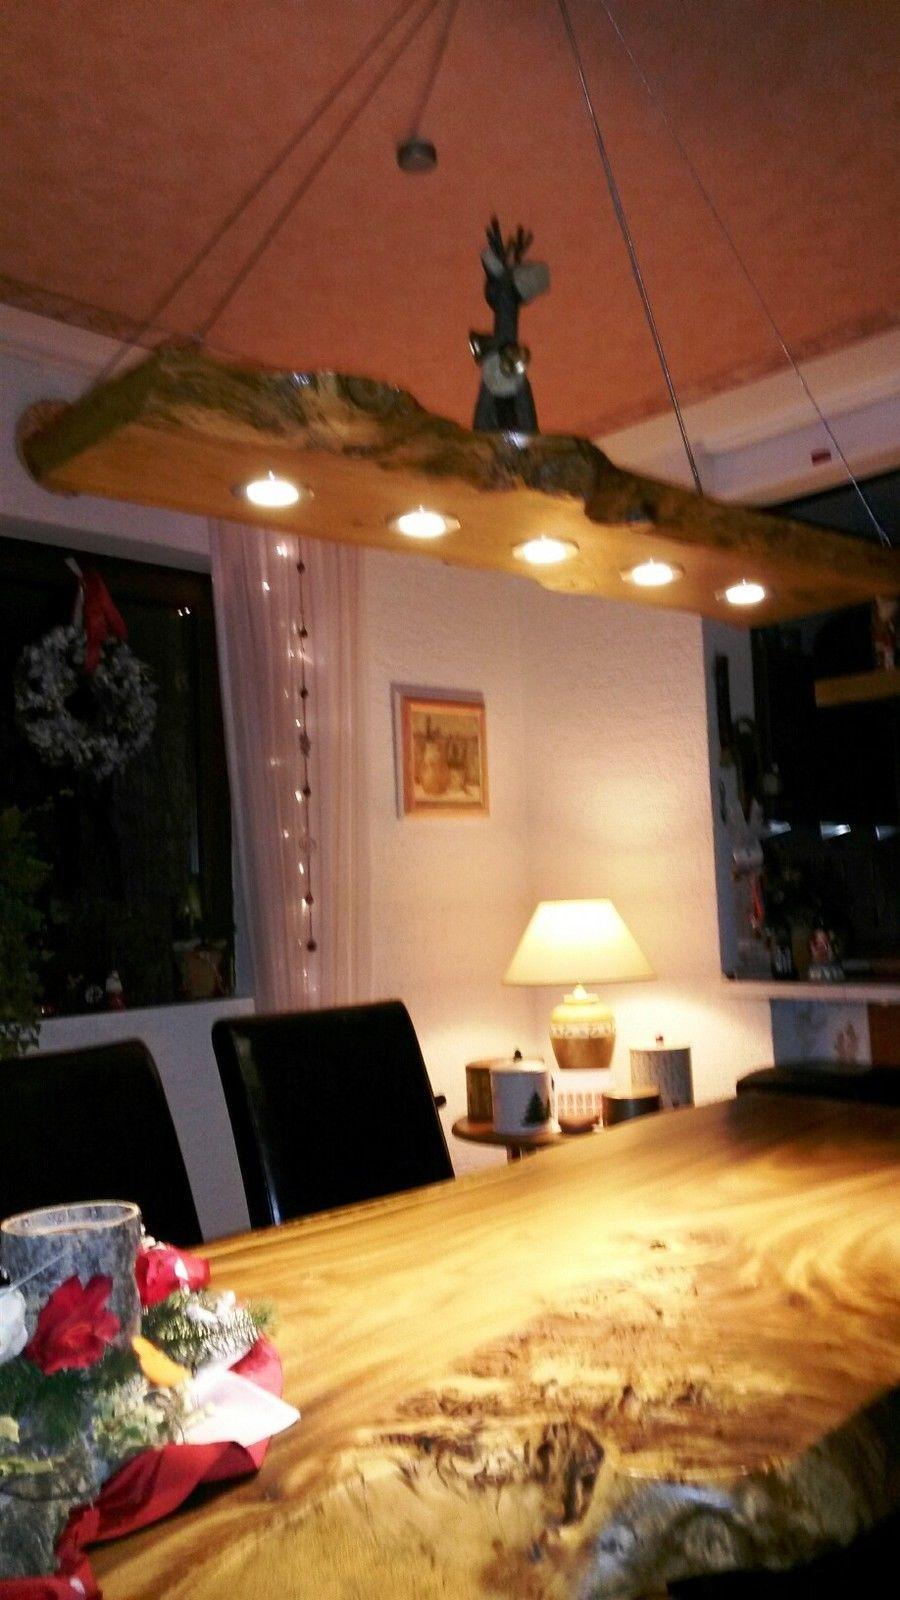 Led 60cm 120 Cm Massivholz Eichen Esstischlampe 7w Decken